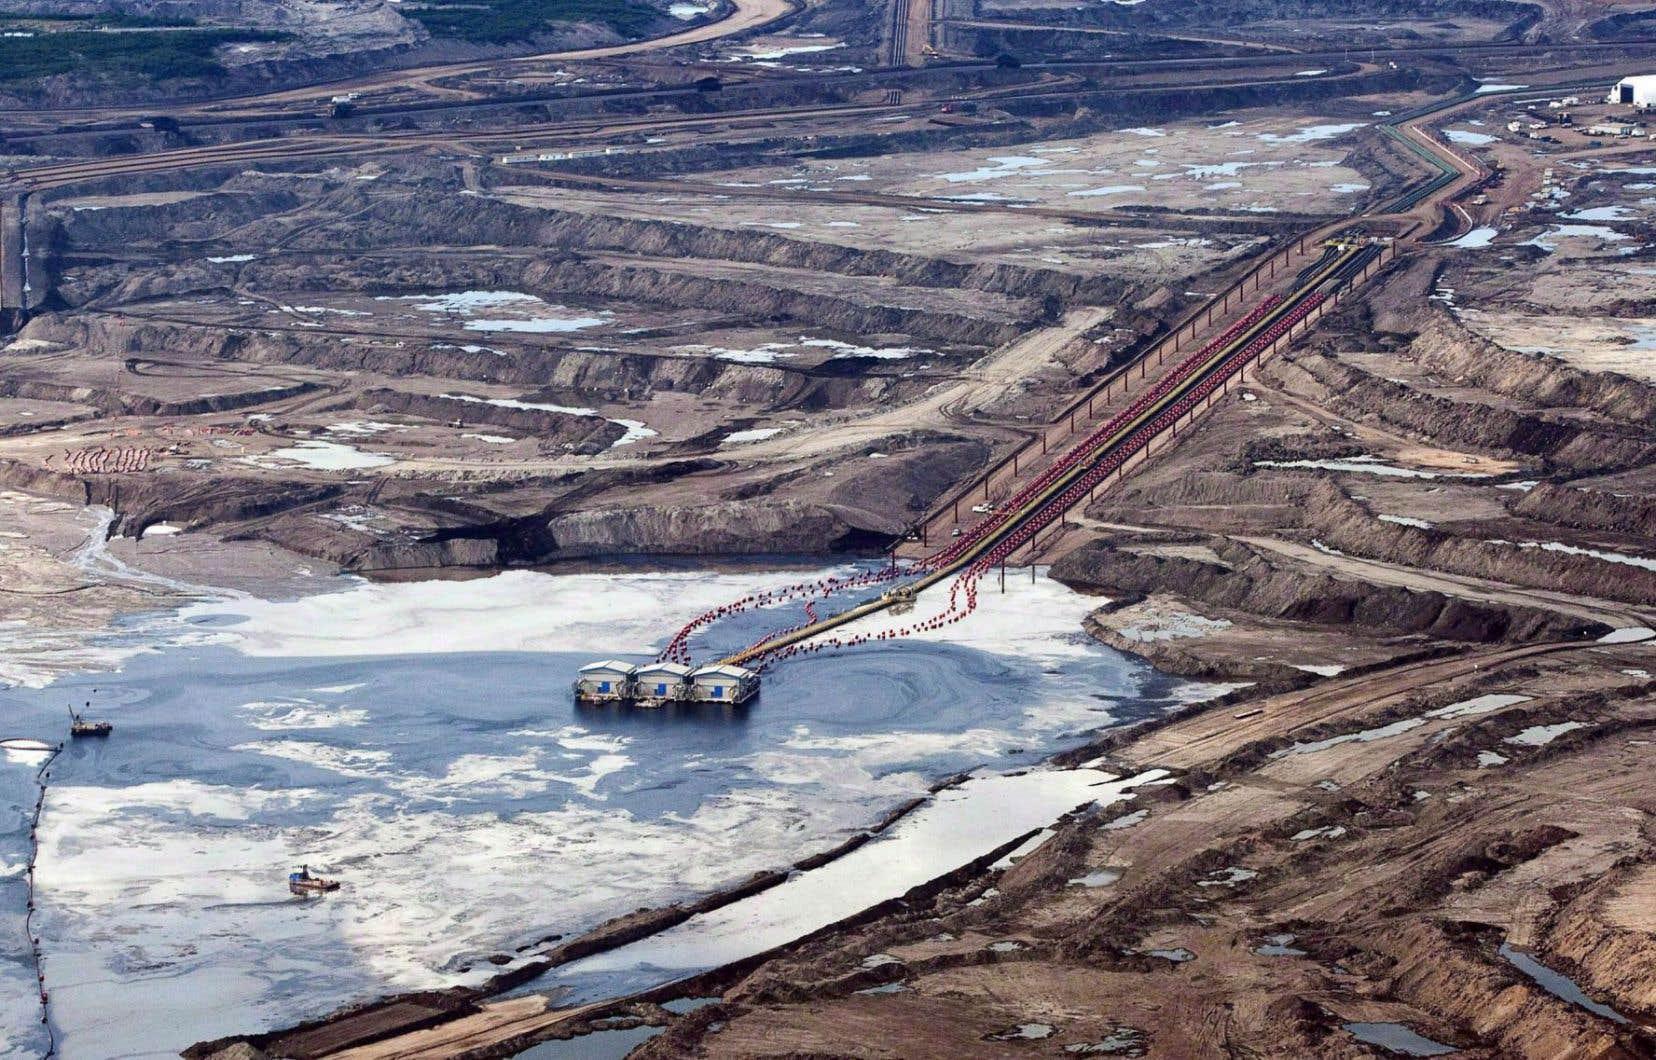 Site d'exploitation des sables bitumineux près de Fort McMurray, en Alberta